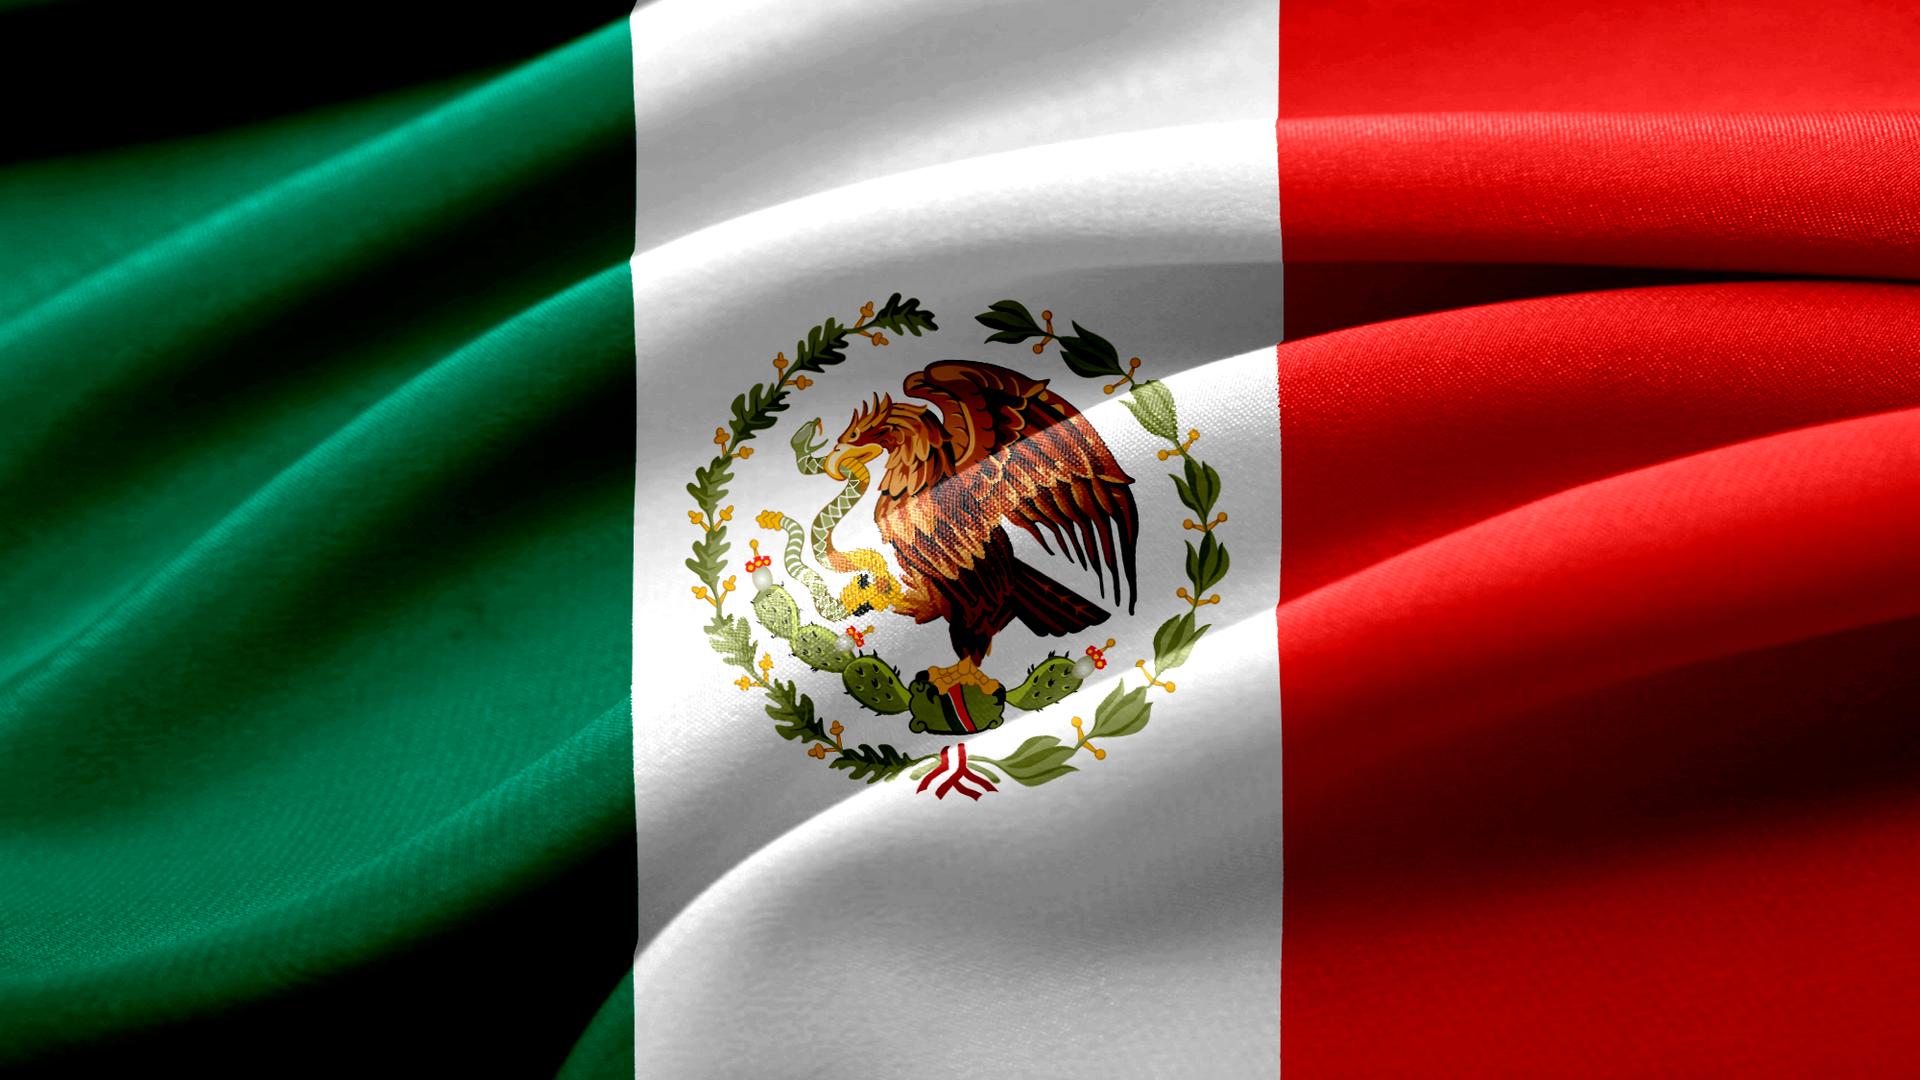 Bandera de México - Sputnik Mundo, 1920, 09.02.2021